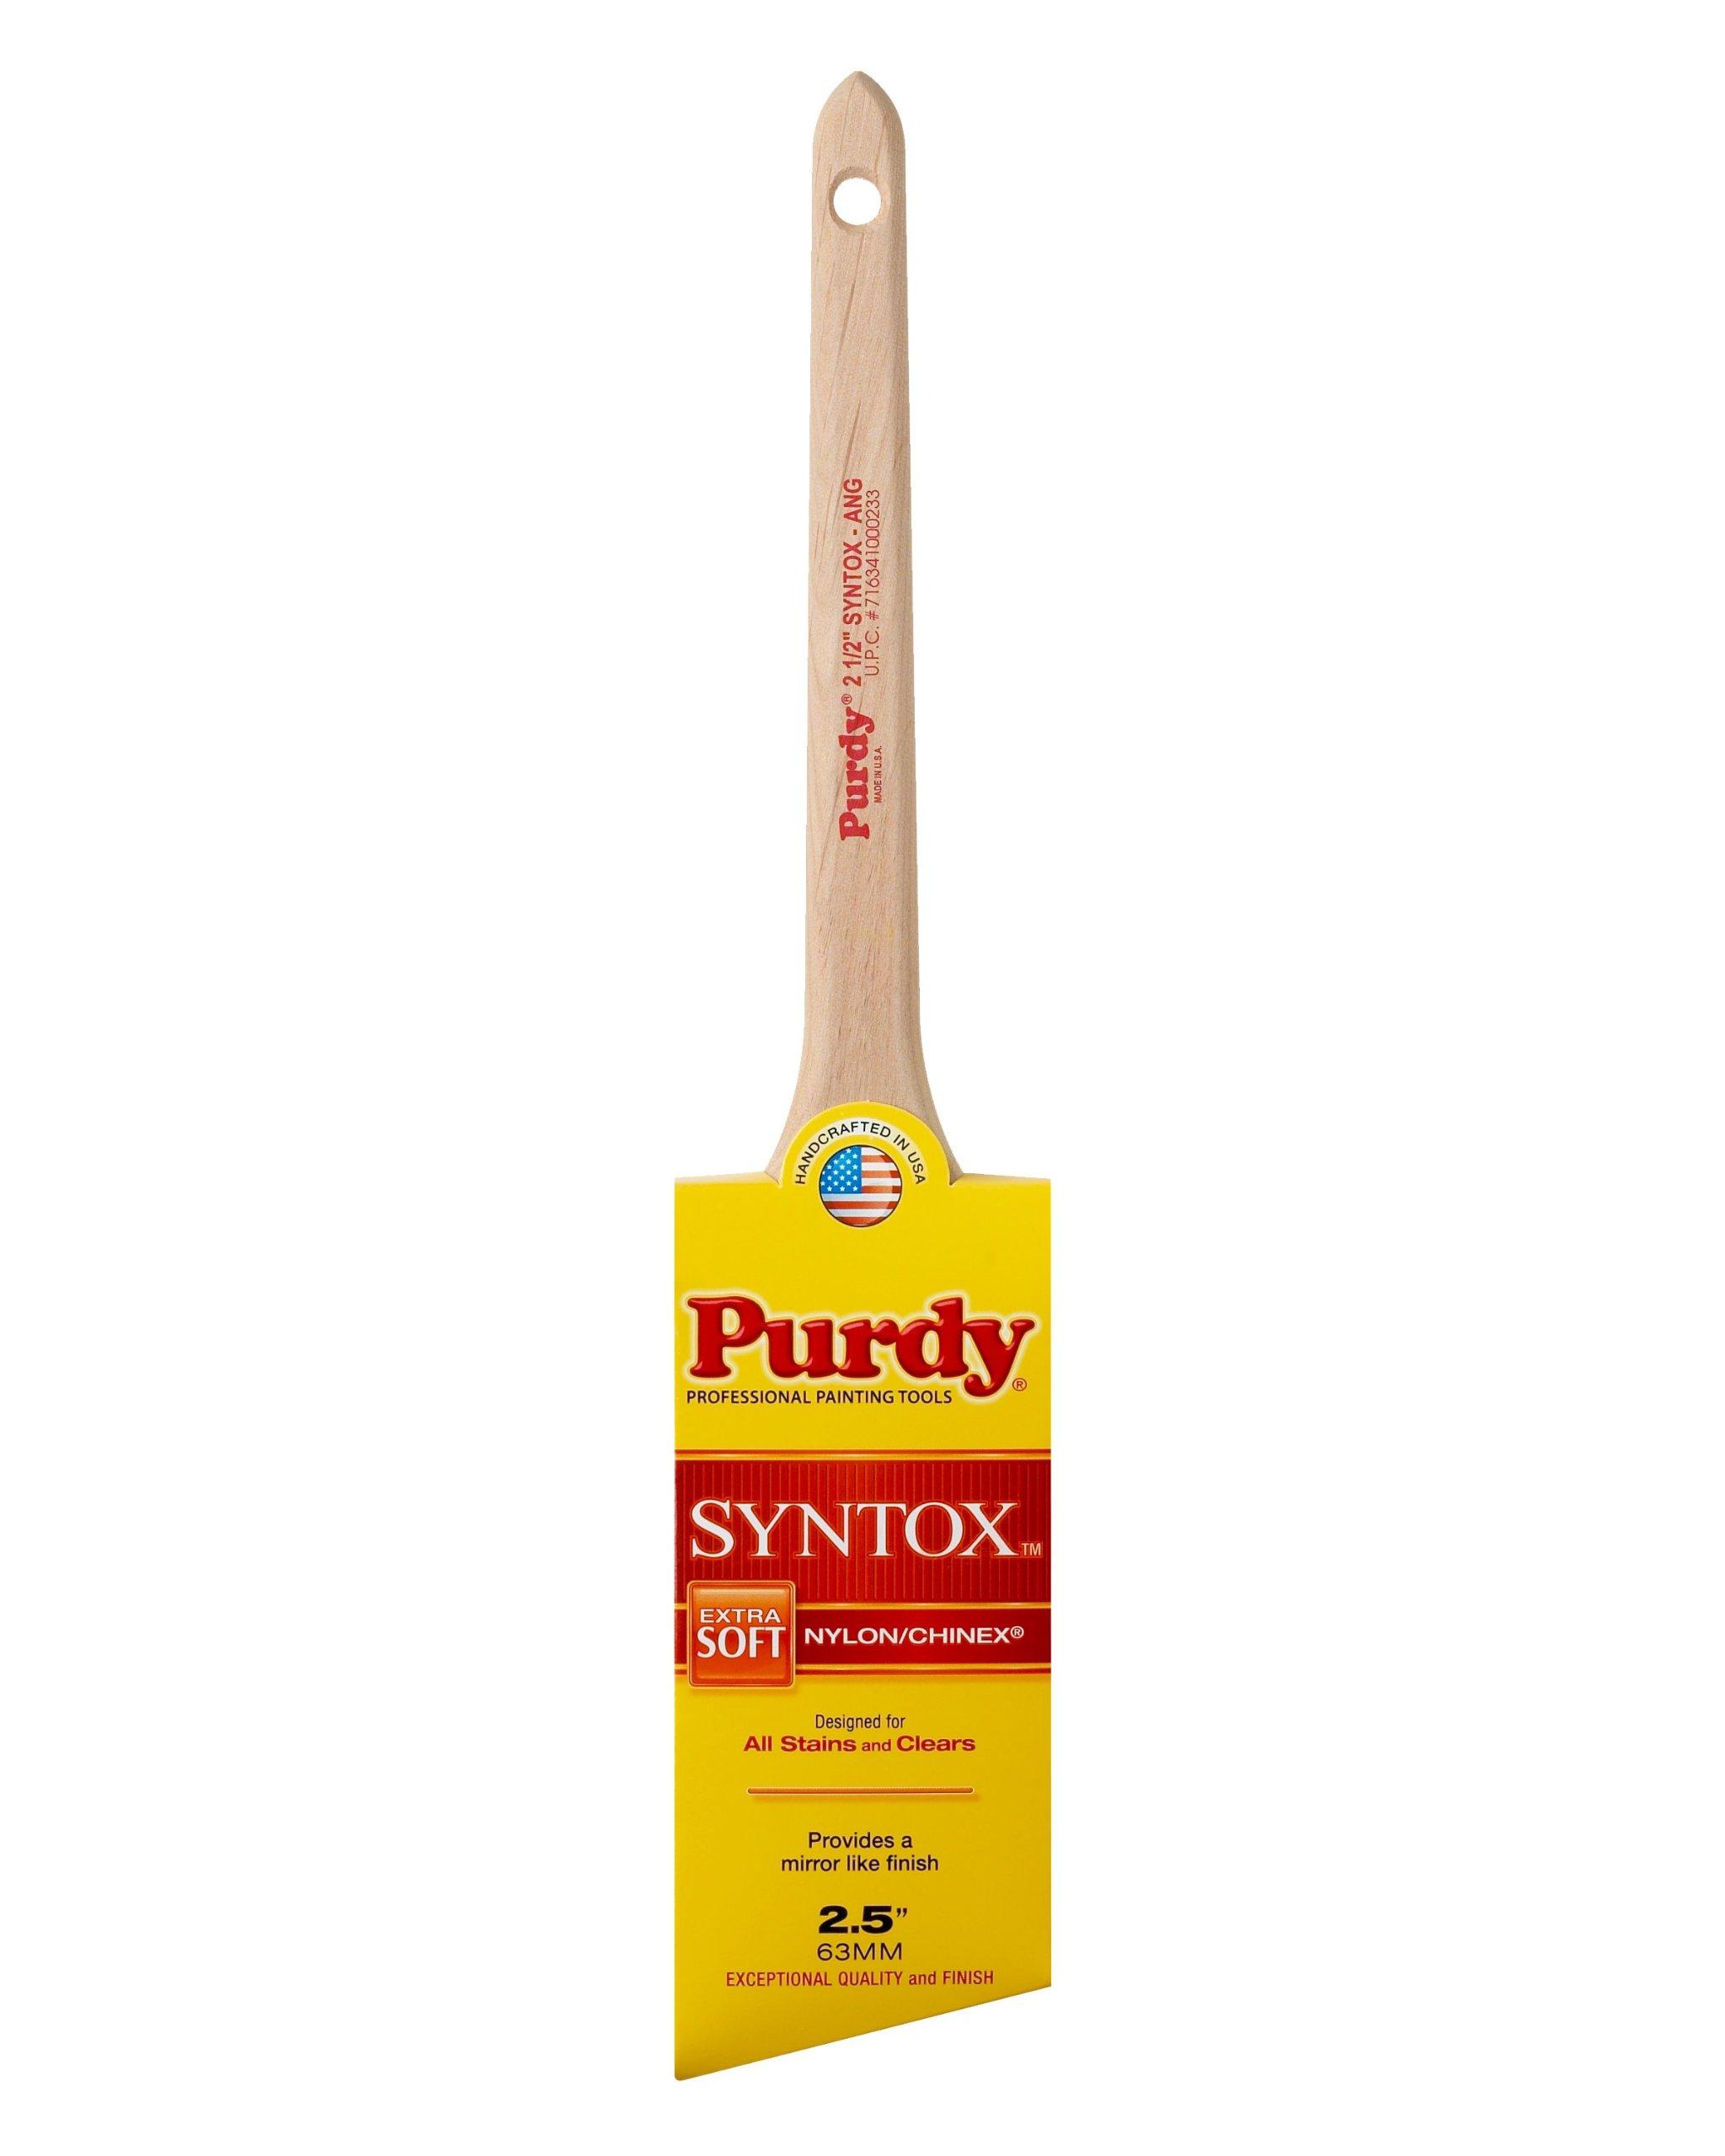 Purdy 144403625 Syntox Angular Trim Brush (Case of 6), 2-1/2''